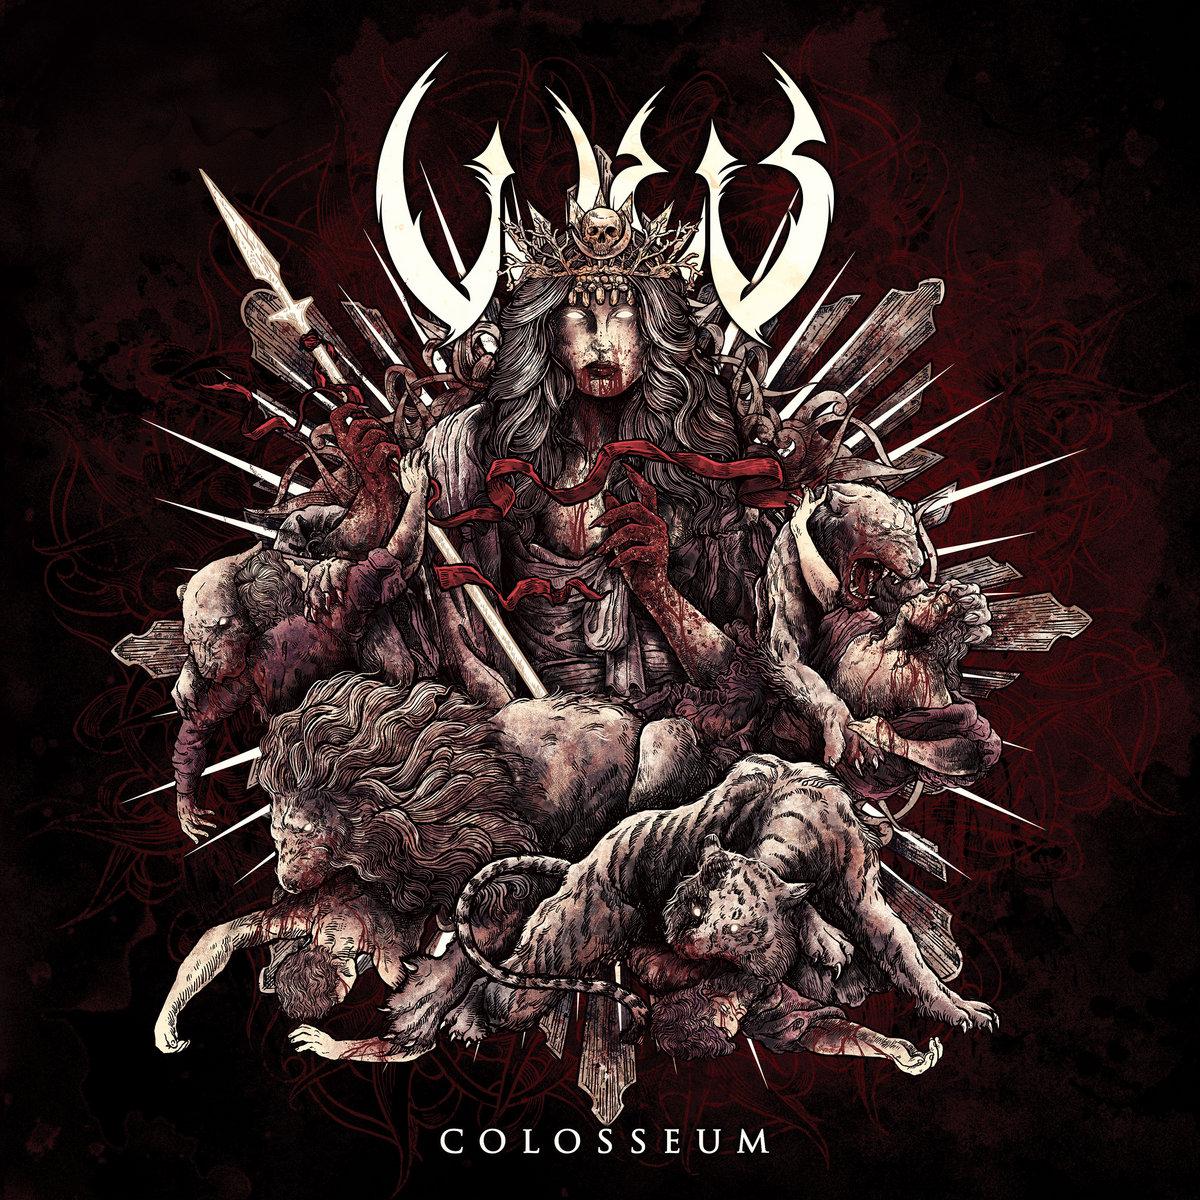 W.E.B. : les détails du nouvel album Colosseum ; chanson «Dominus Maleficarum» dévoilée